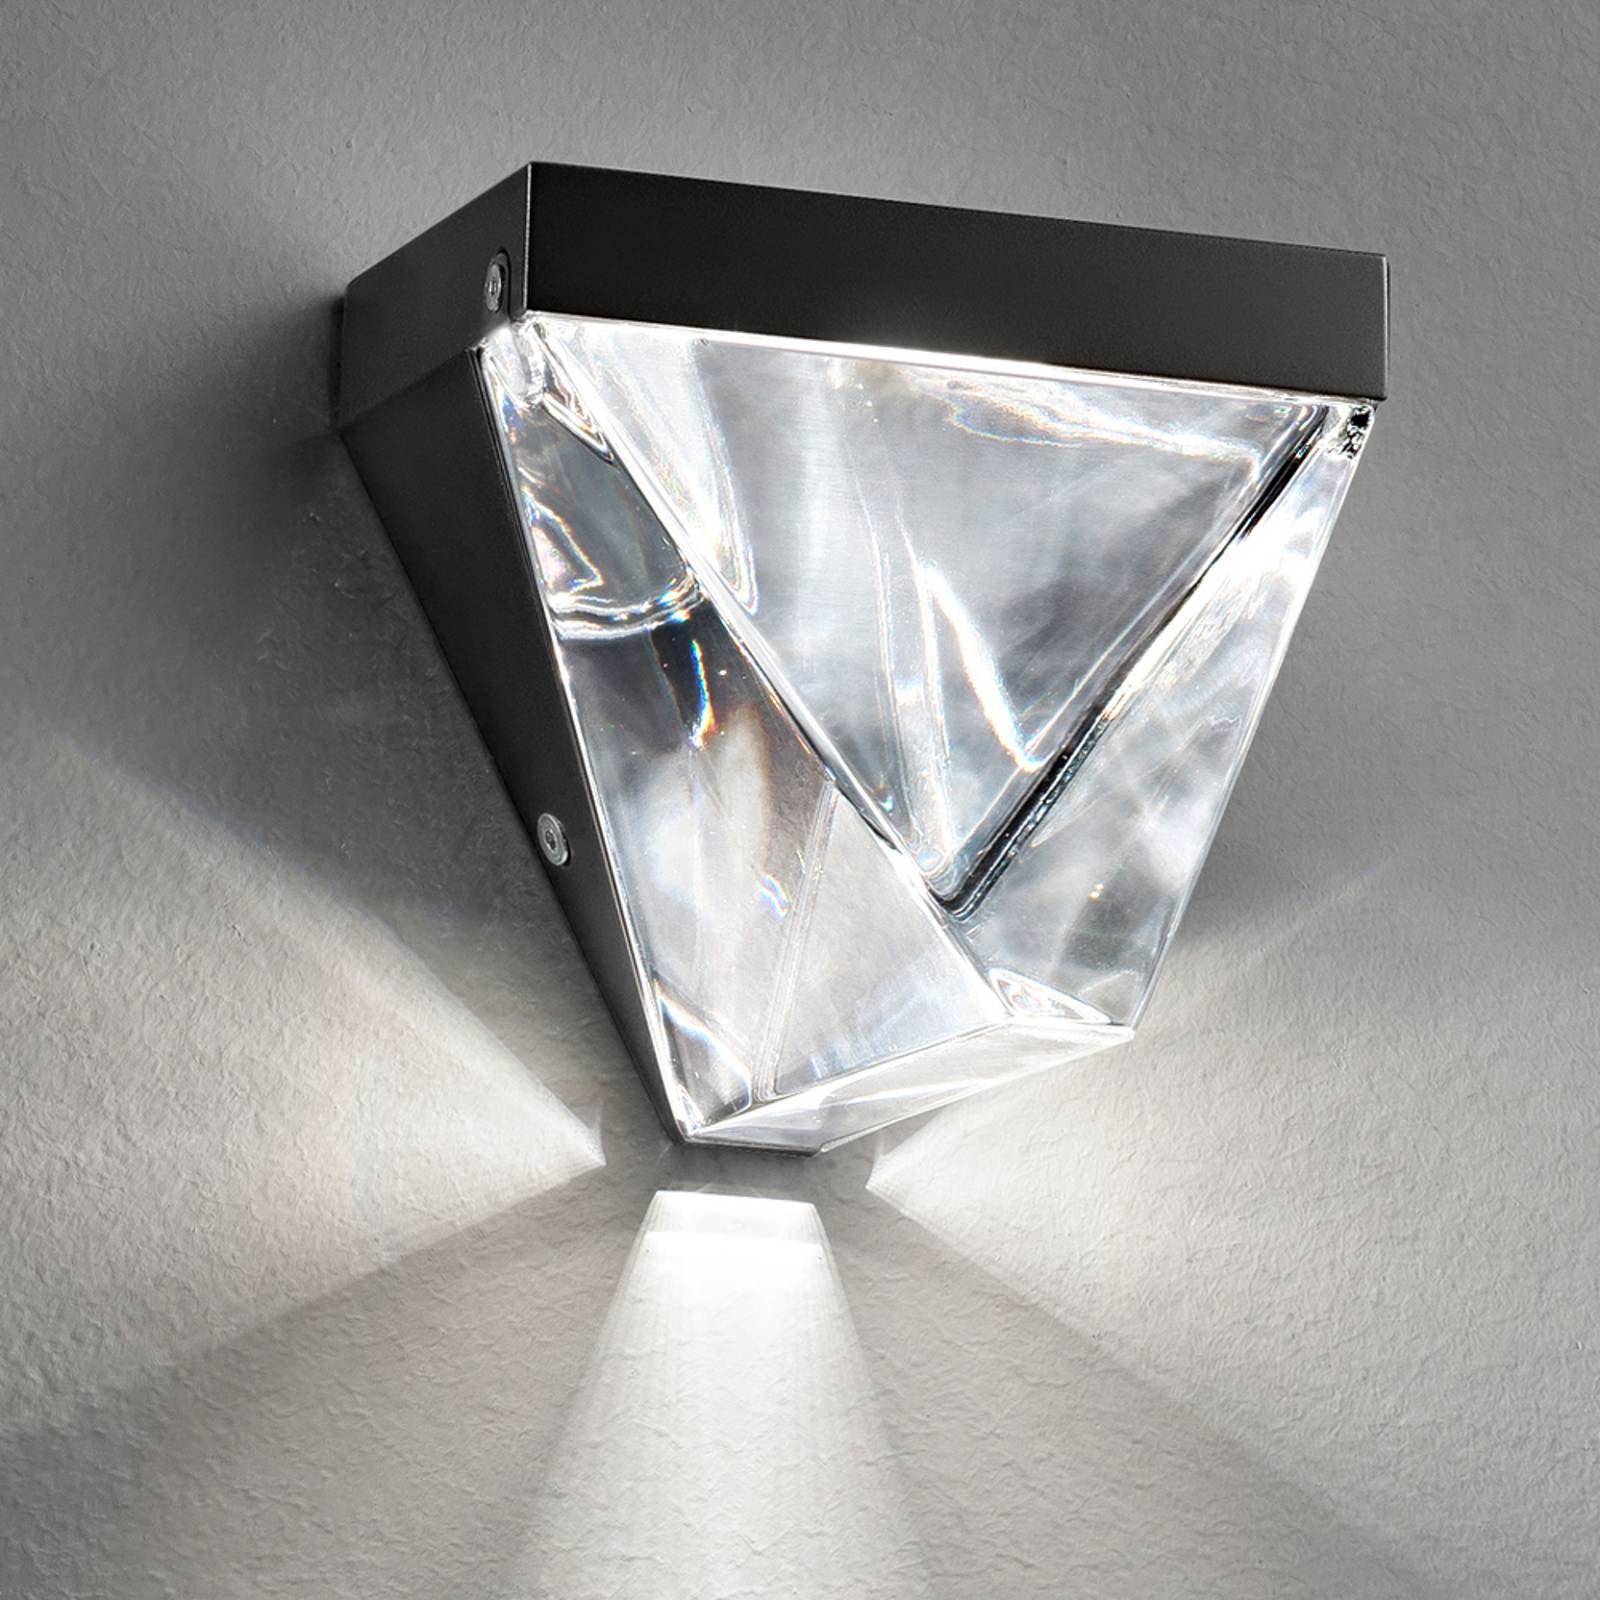 Fabbian Tripla - krystall-LED-vegglampe, antrasitt